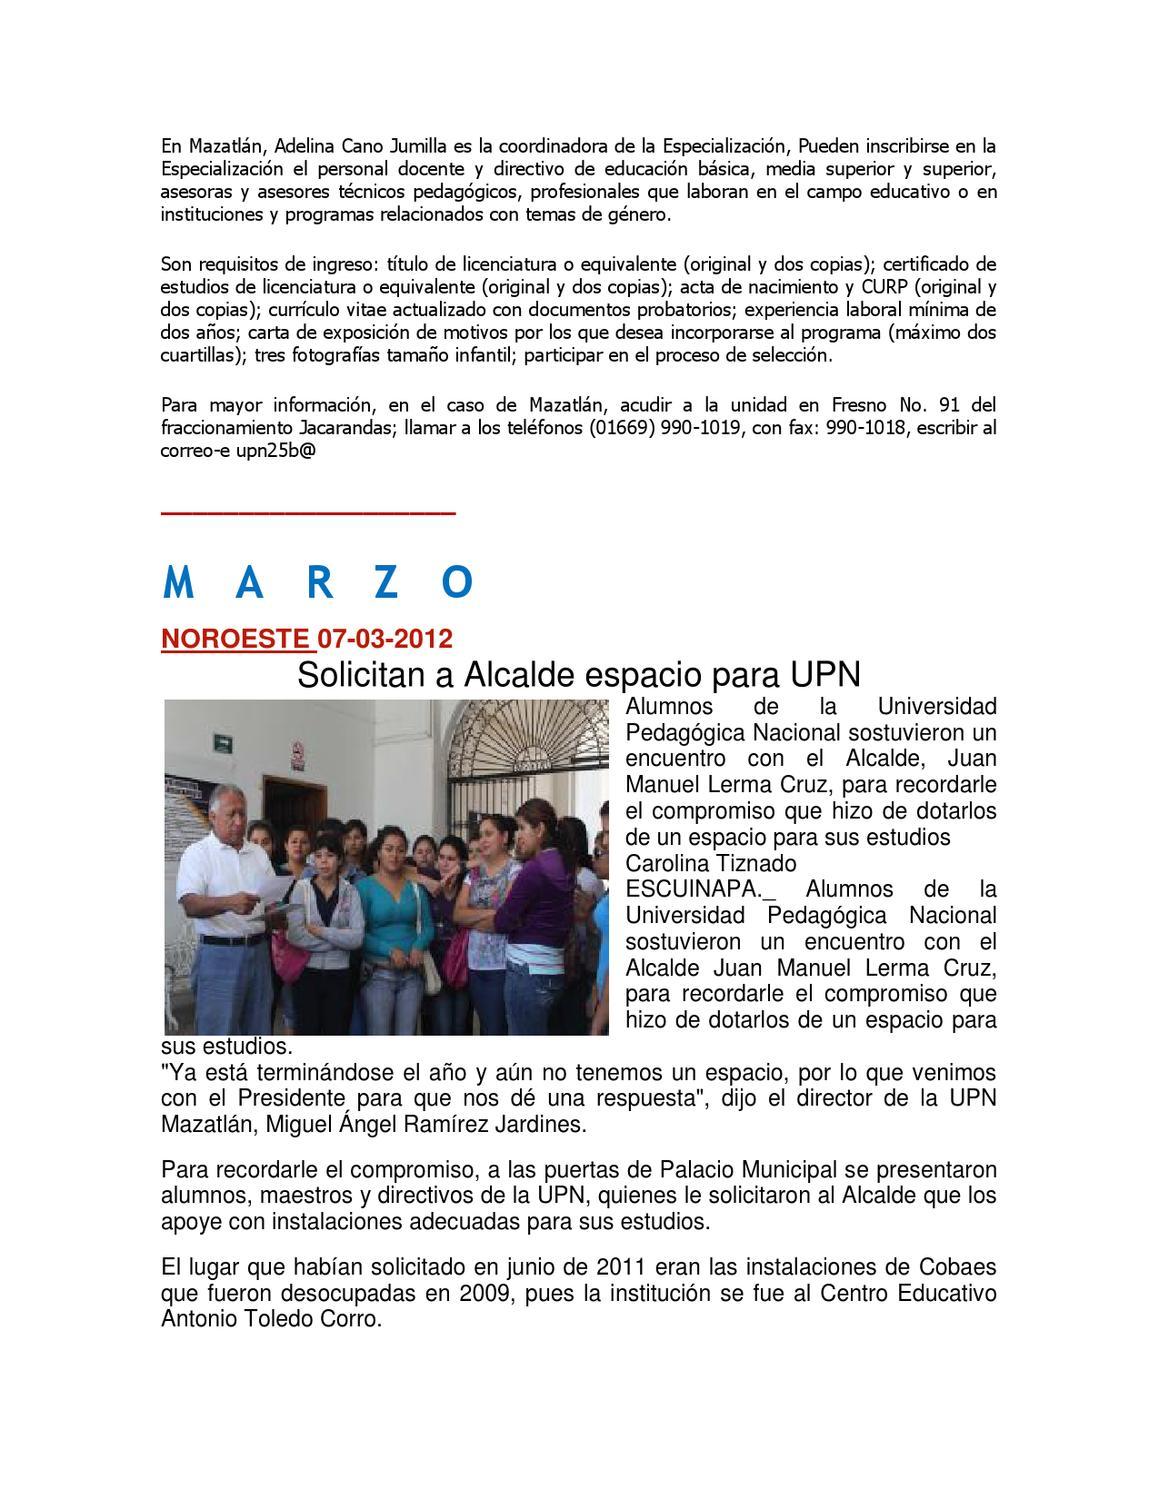 INFORMATIVO 2012 DE UPN MAZATLÁN by Juan Lizárraga Tisnado - issuu